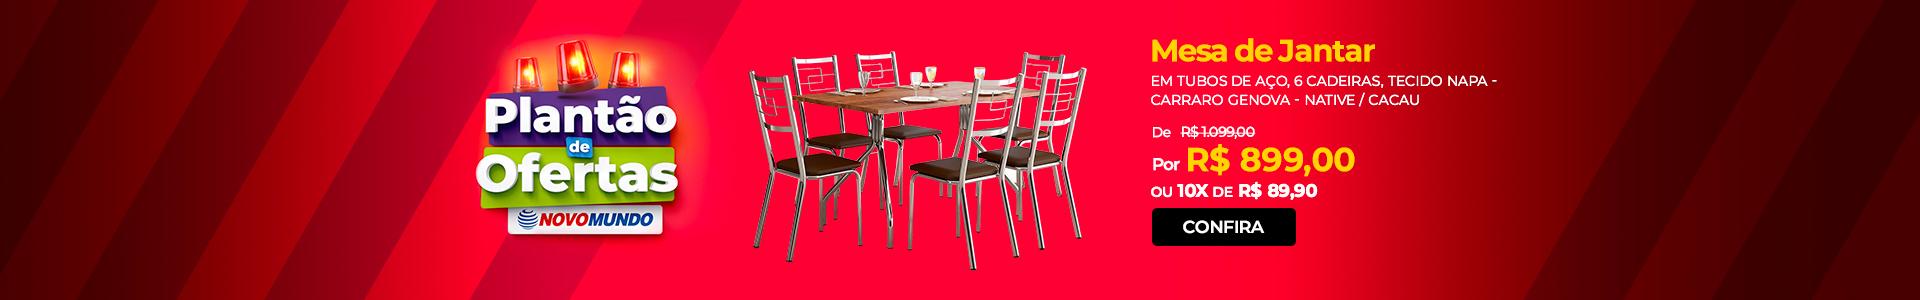 Plantão | Mesa de Jantar